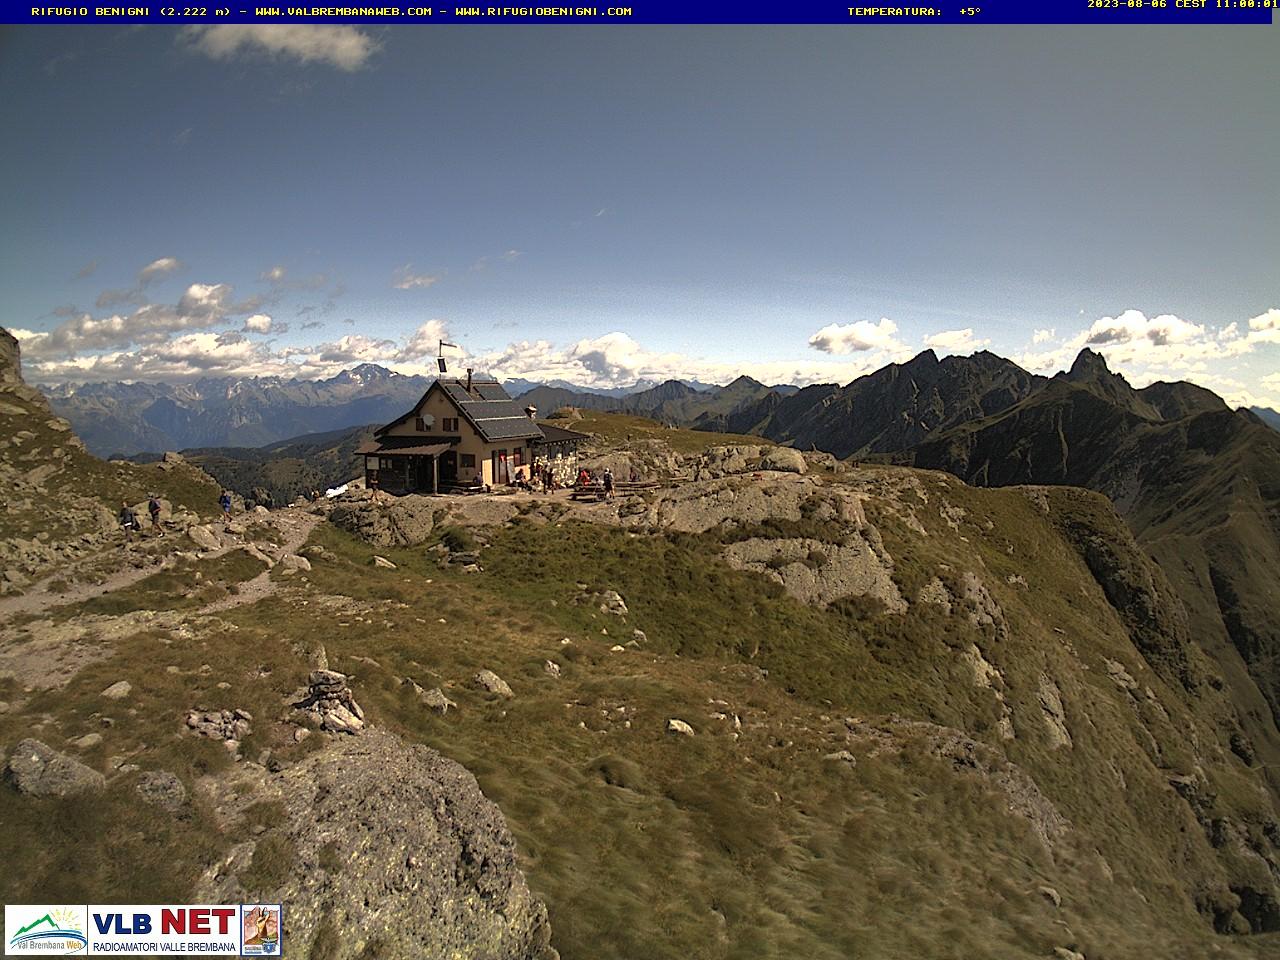 http://www.vallebrembana.org/webcam/rifugiobenigni--3.jpg